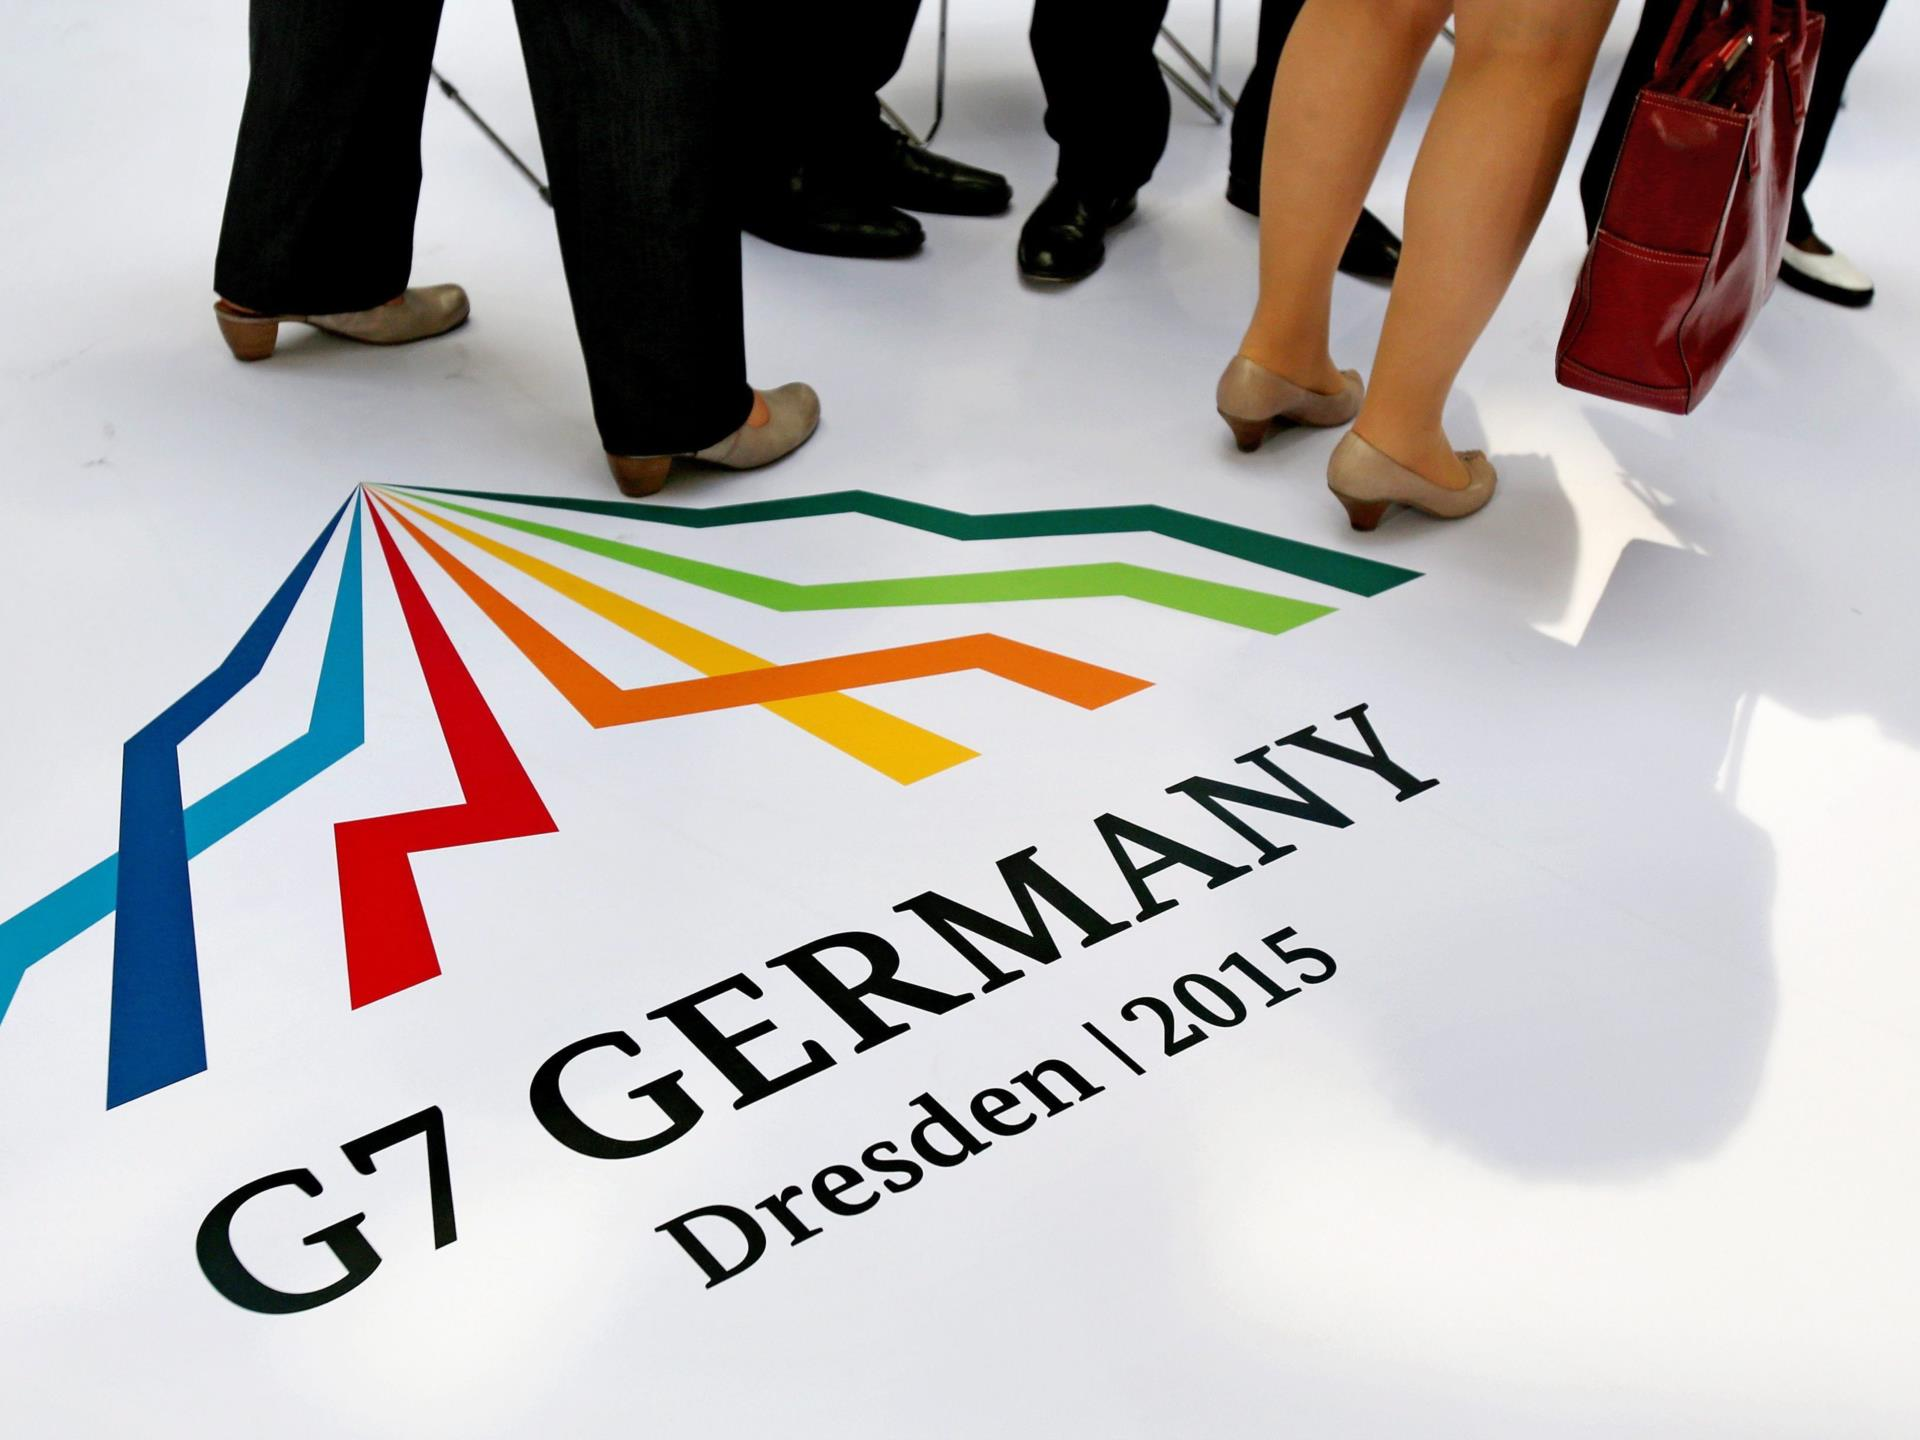 Kosten g7 treffen